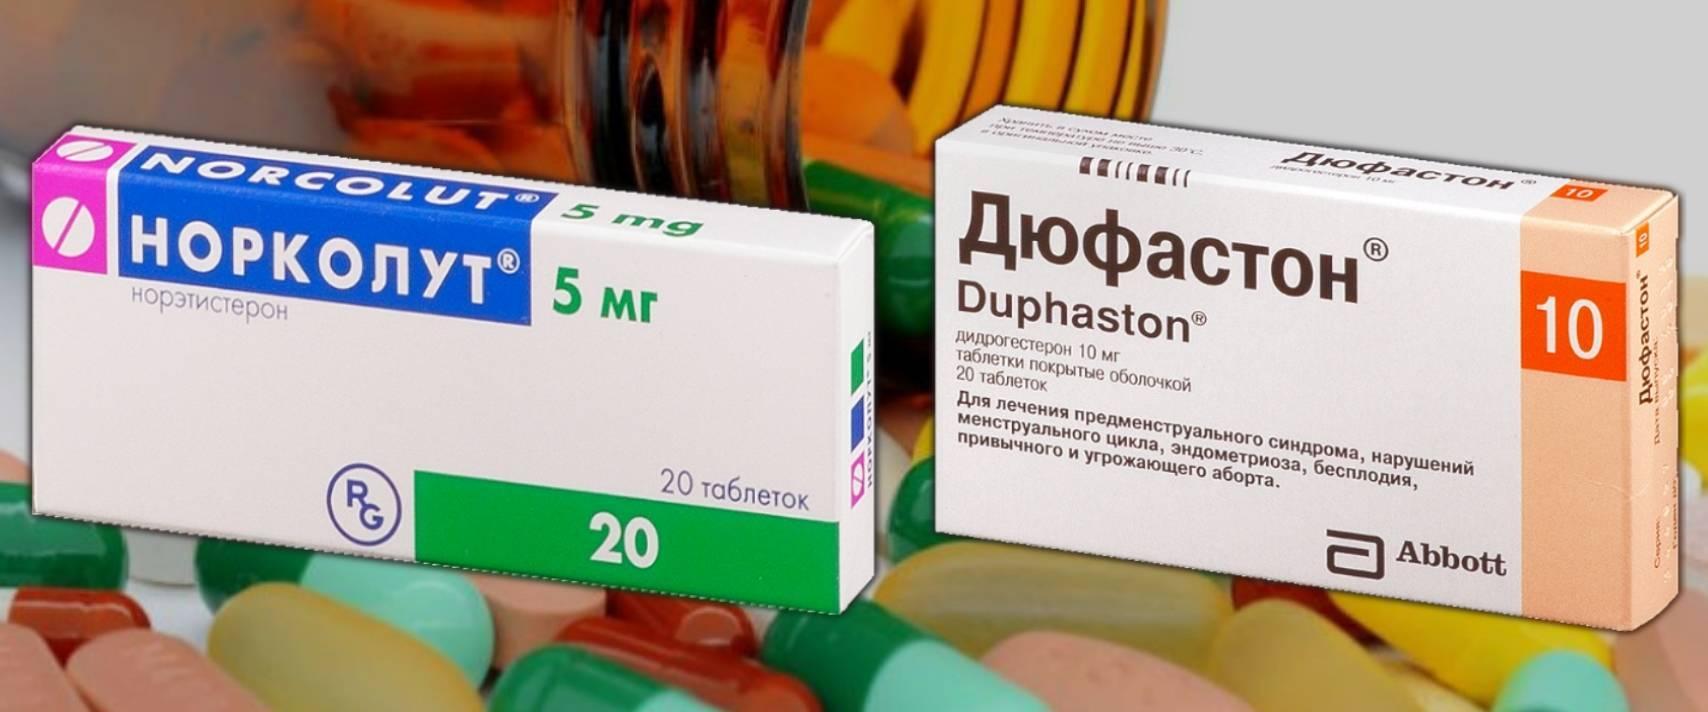 «норколут» или «дюфастон»: чем отличаются препараты и что лучше   в чем разница